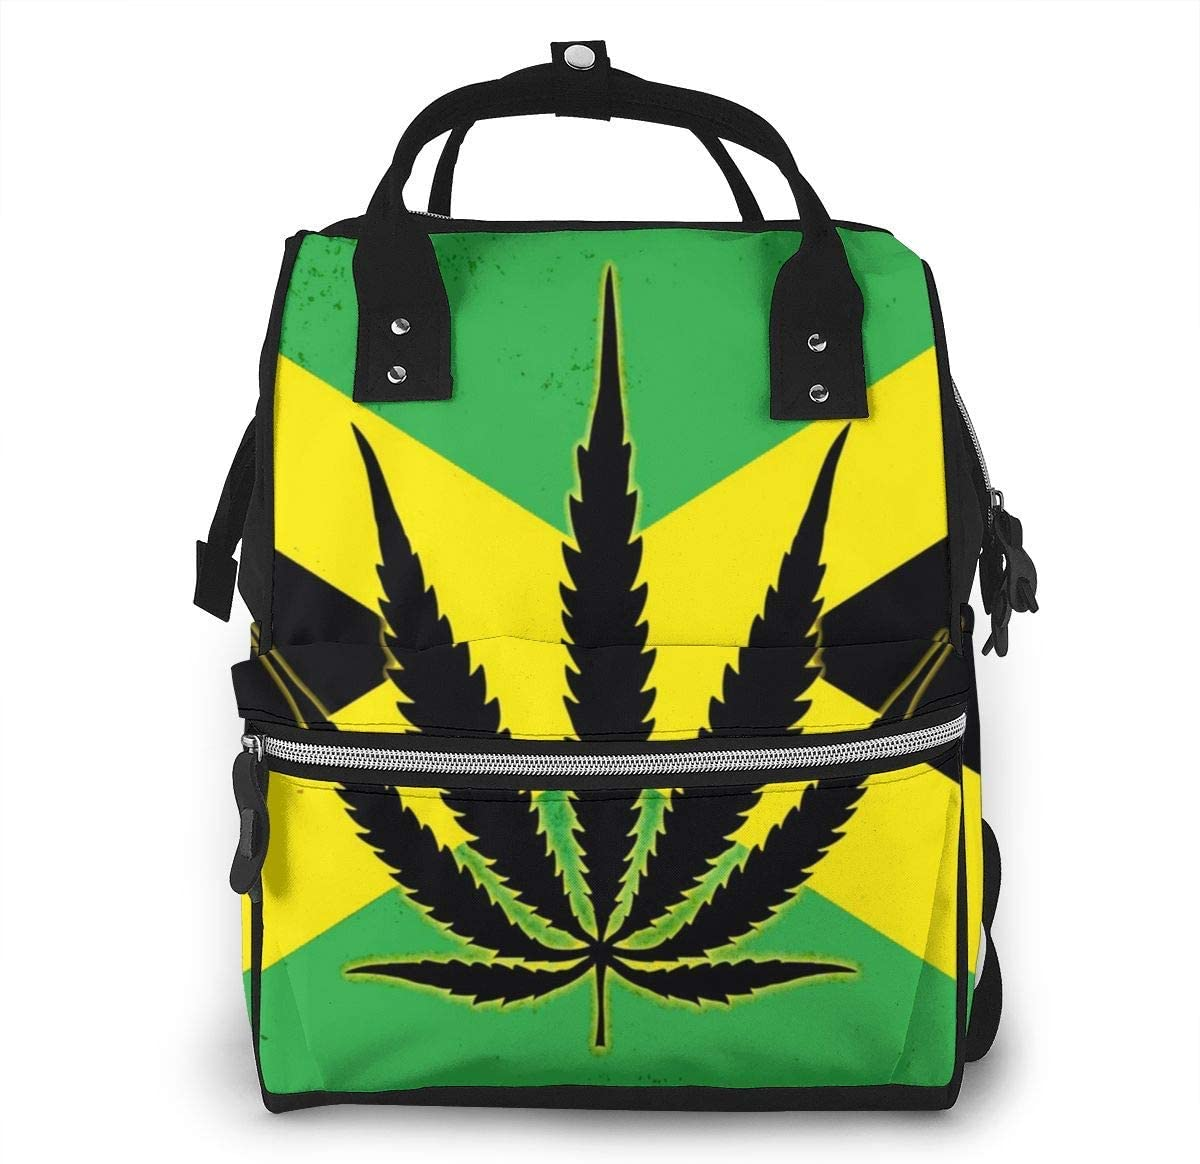 nbvncvbnbv Bandera de Jamaica con bolsas de pañales con hojas de marihuana Bolsas de pañales para momias de viaje Mochila de moda Mochila de viaje multifunción